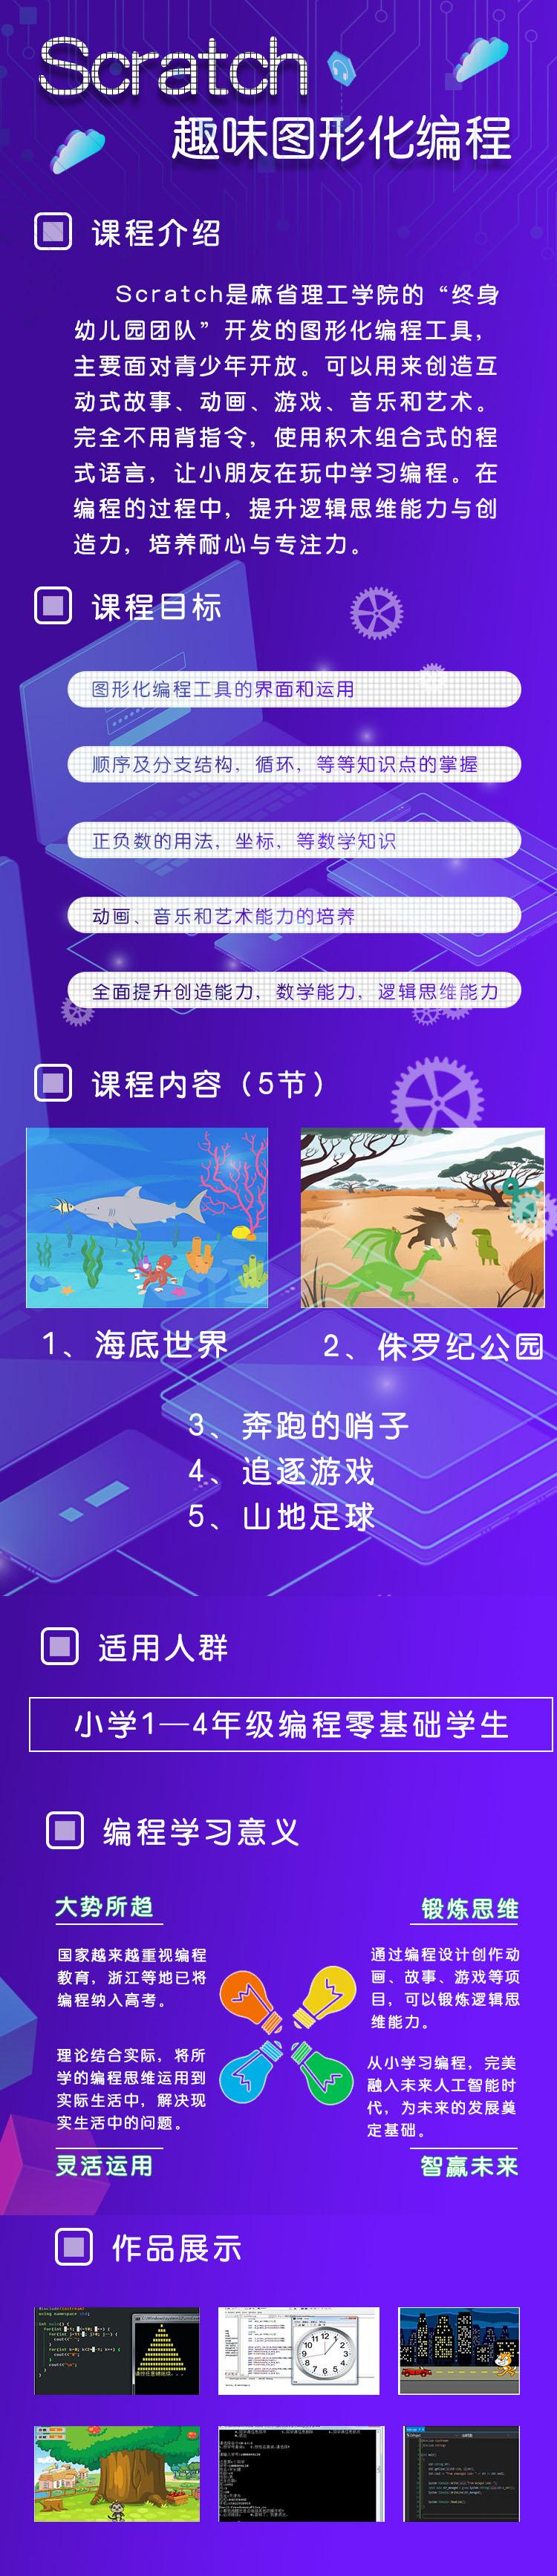 小鹅通详情图.jpg